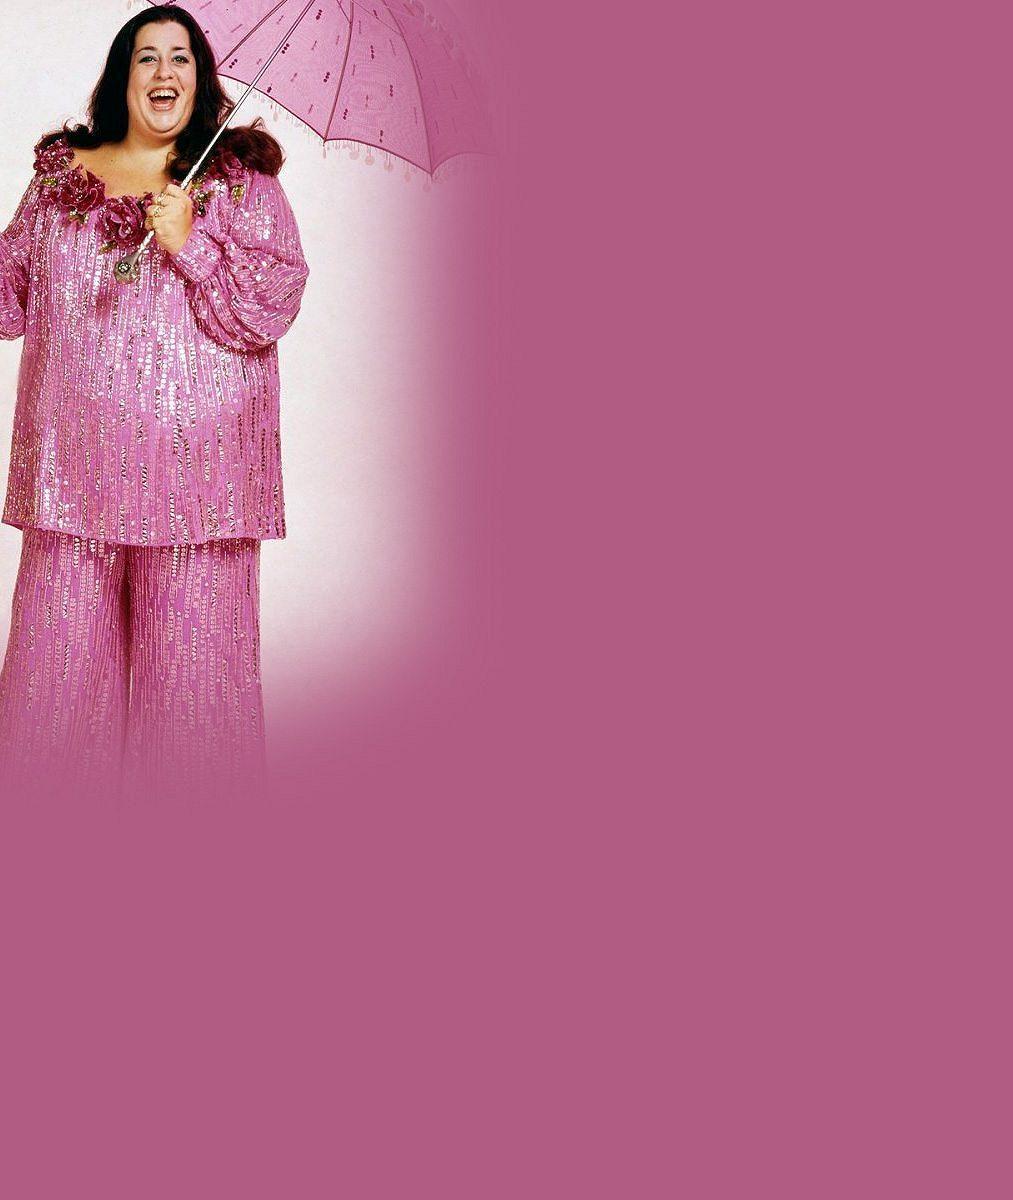 Krutý osud zpěvačky (†32) hitu Dream A Little Dream of Me: Selhalo jí srdce. Zůstala po ní sedmiletá dcera